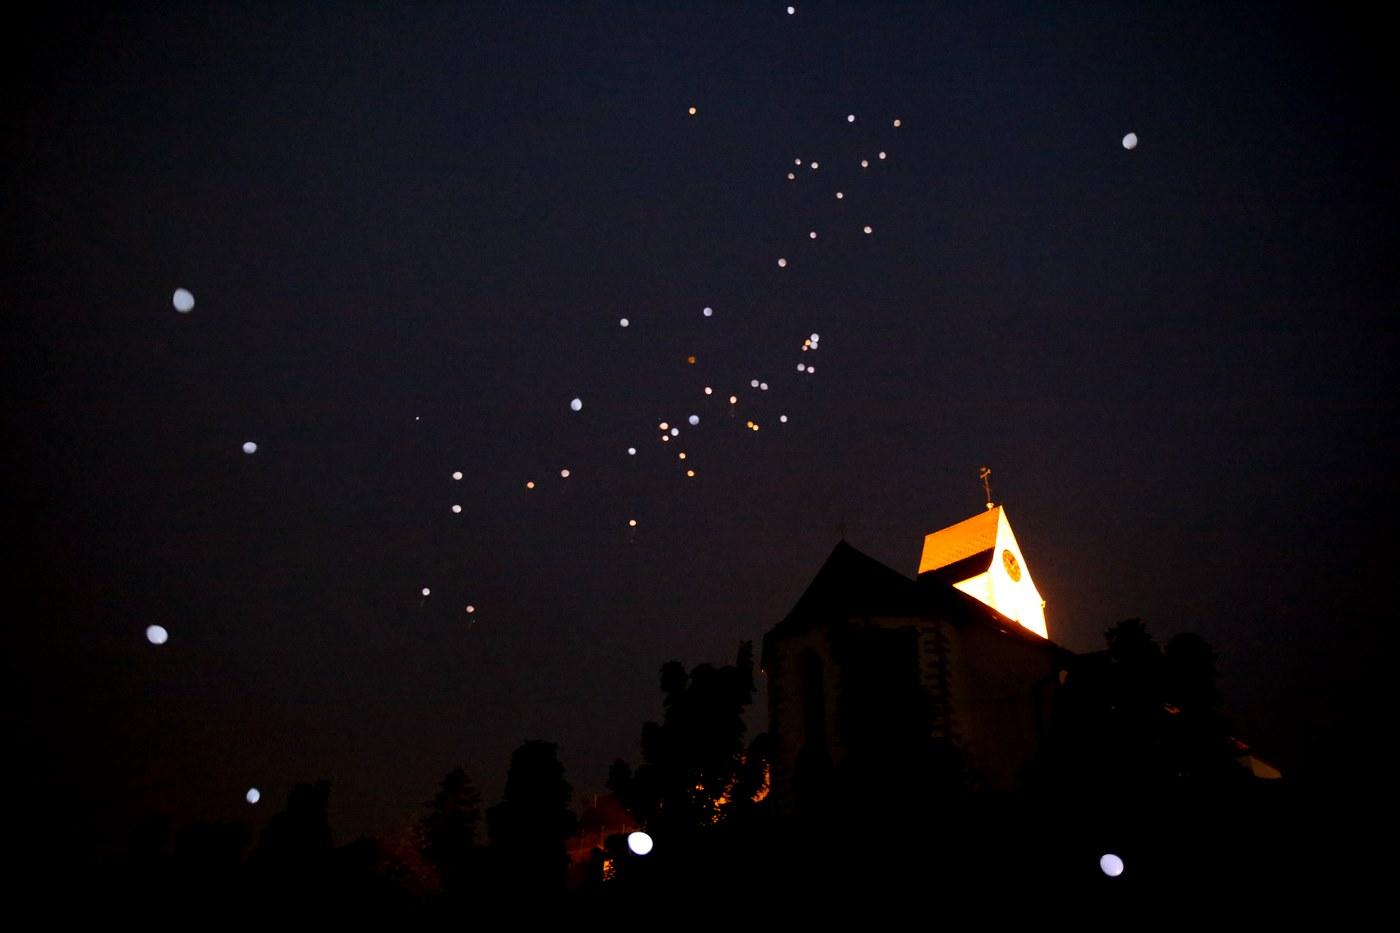 Weiße Helium Ballons bei Nacht